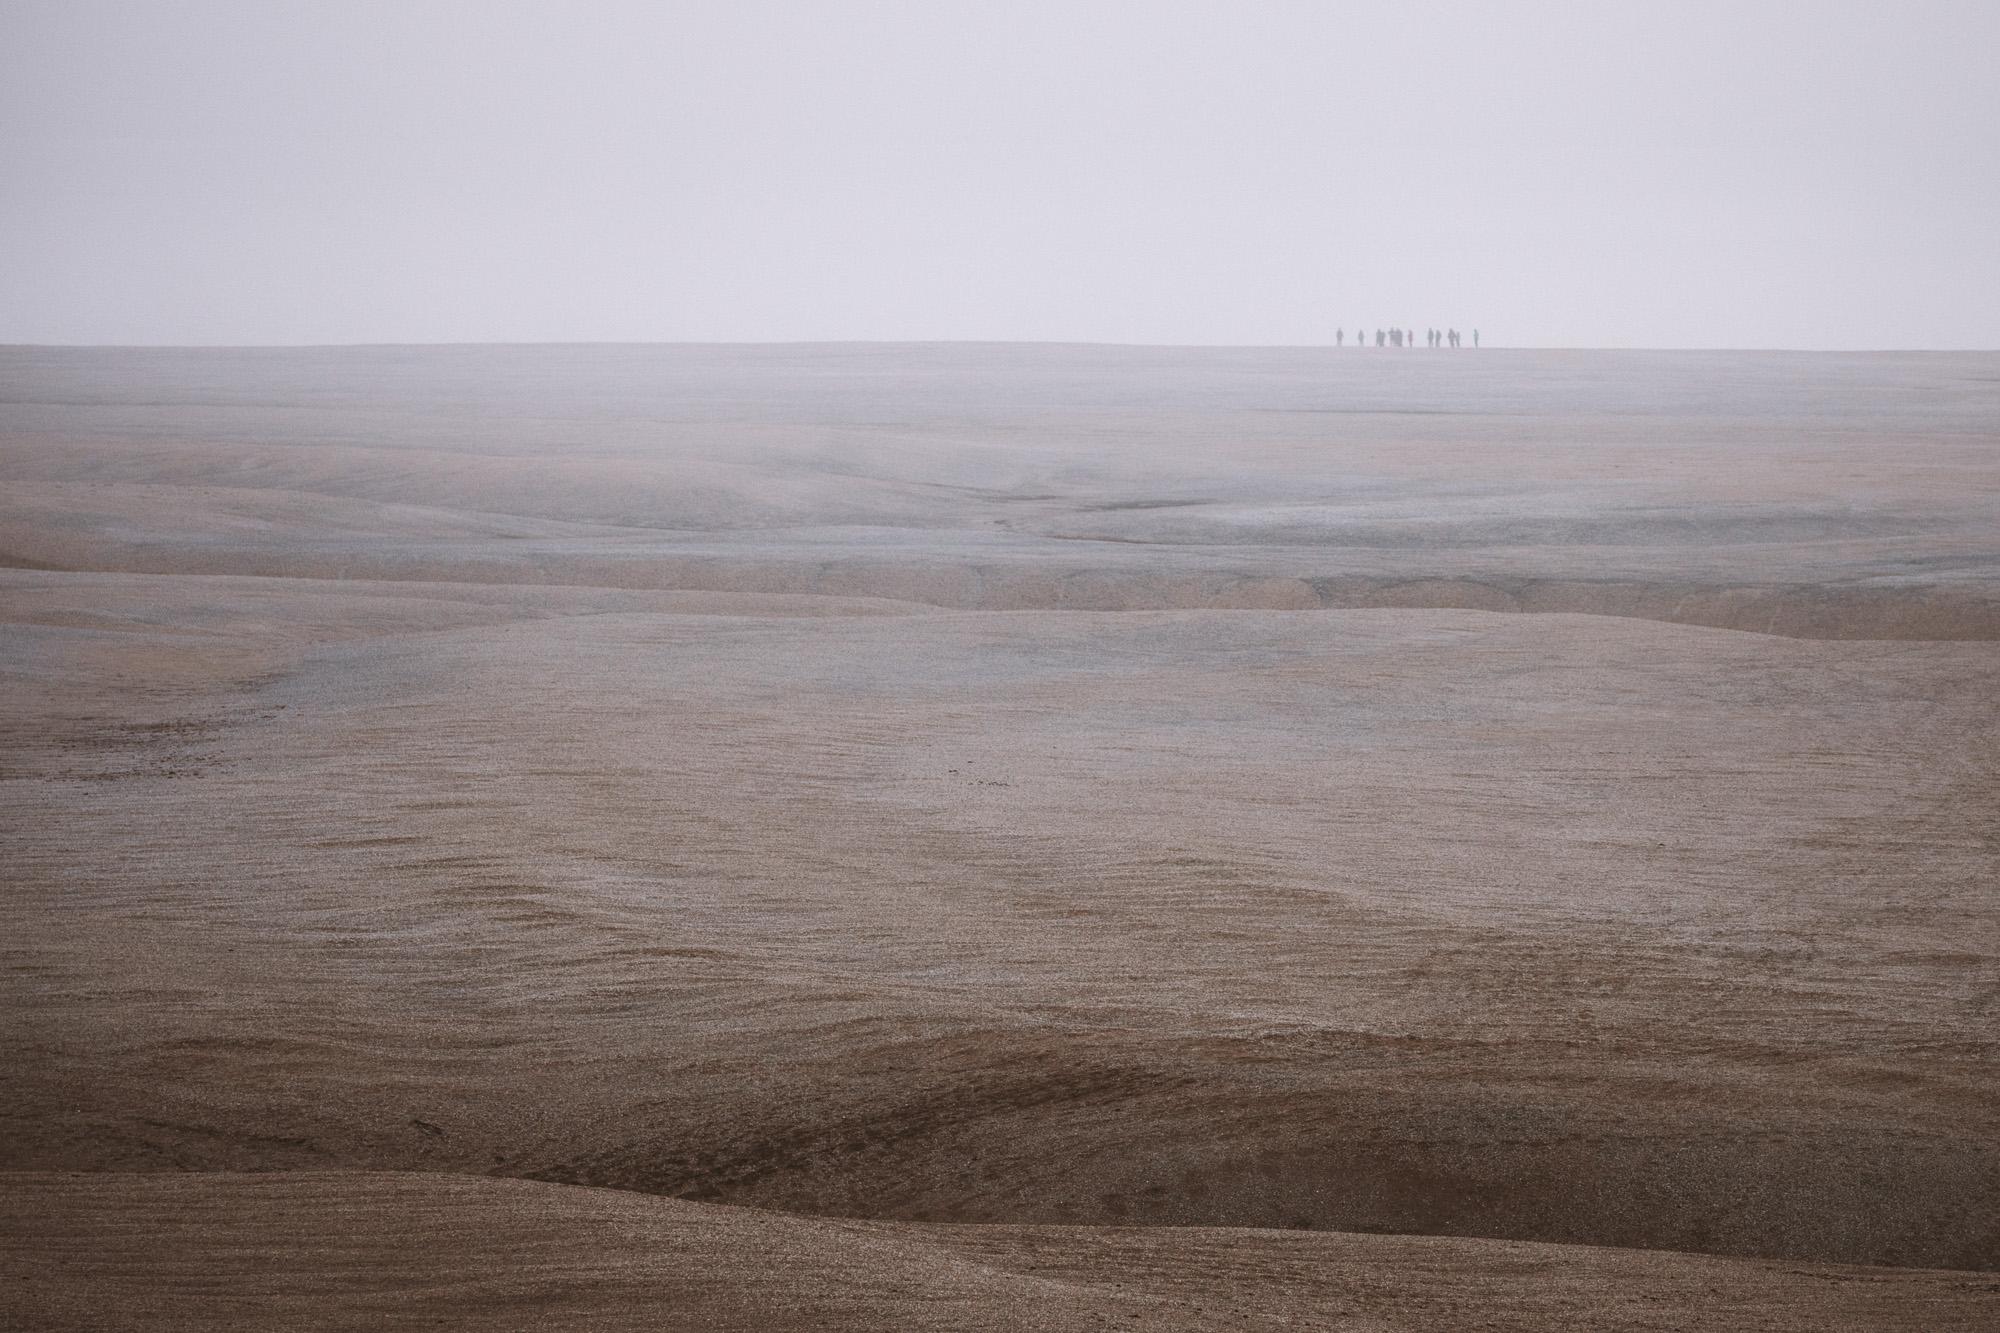 Landscapes in Torrellneset Svalbard Spitsbergen via @finduslost